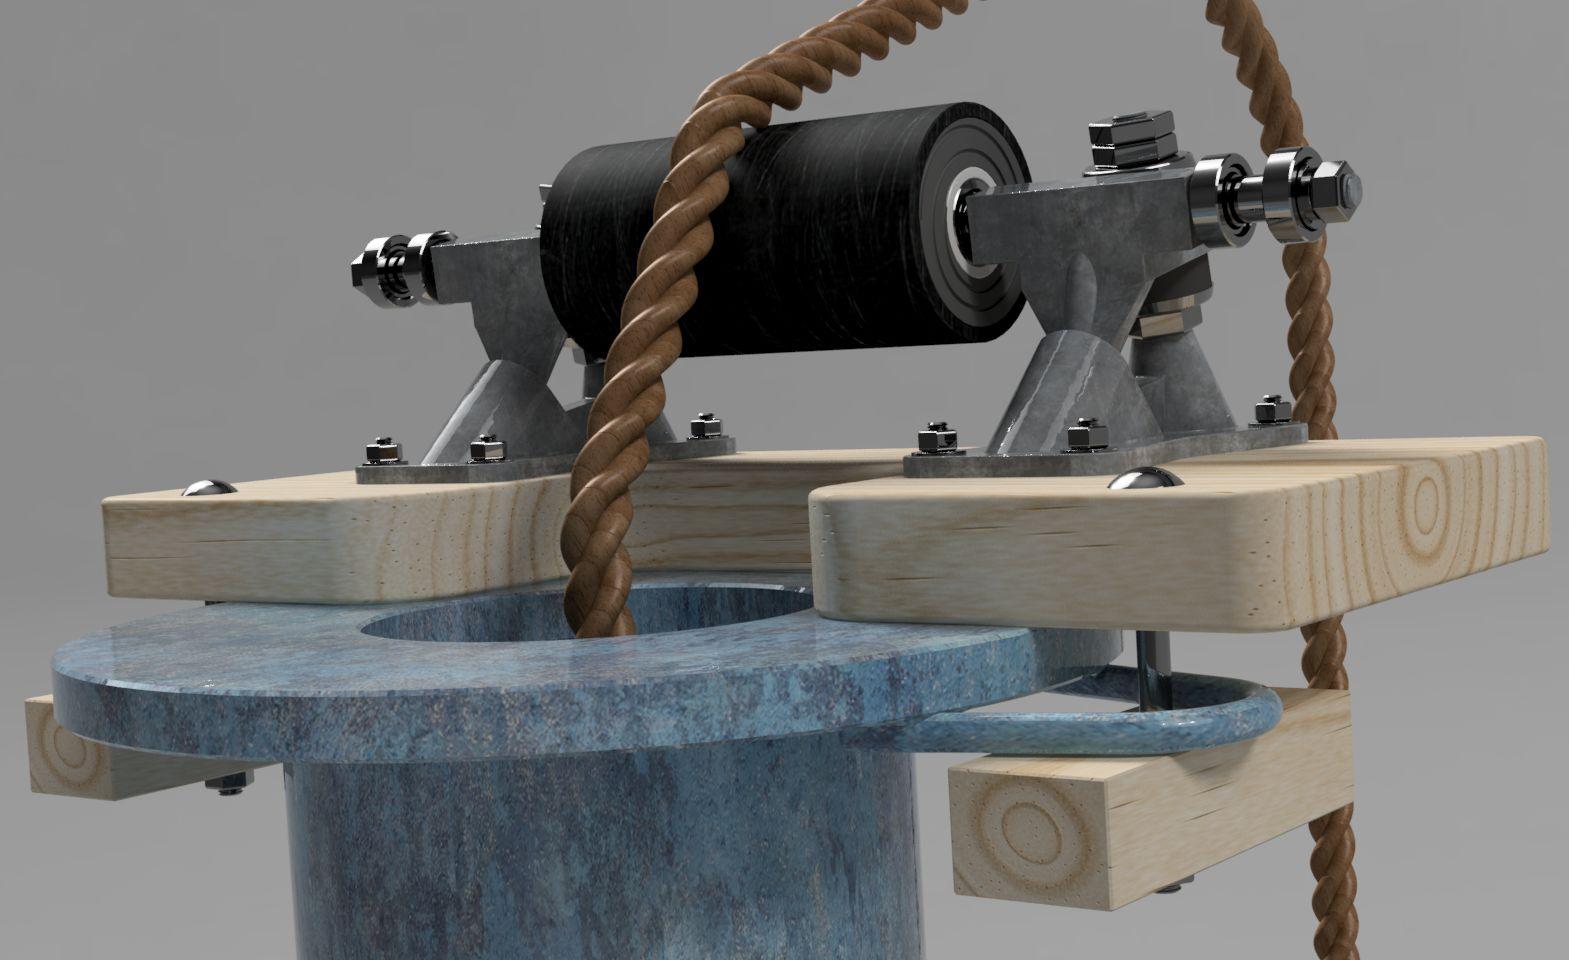 Skate-water-riser-v9-130919-6-3500-3500